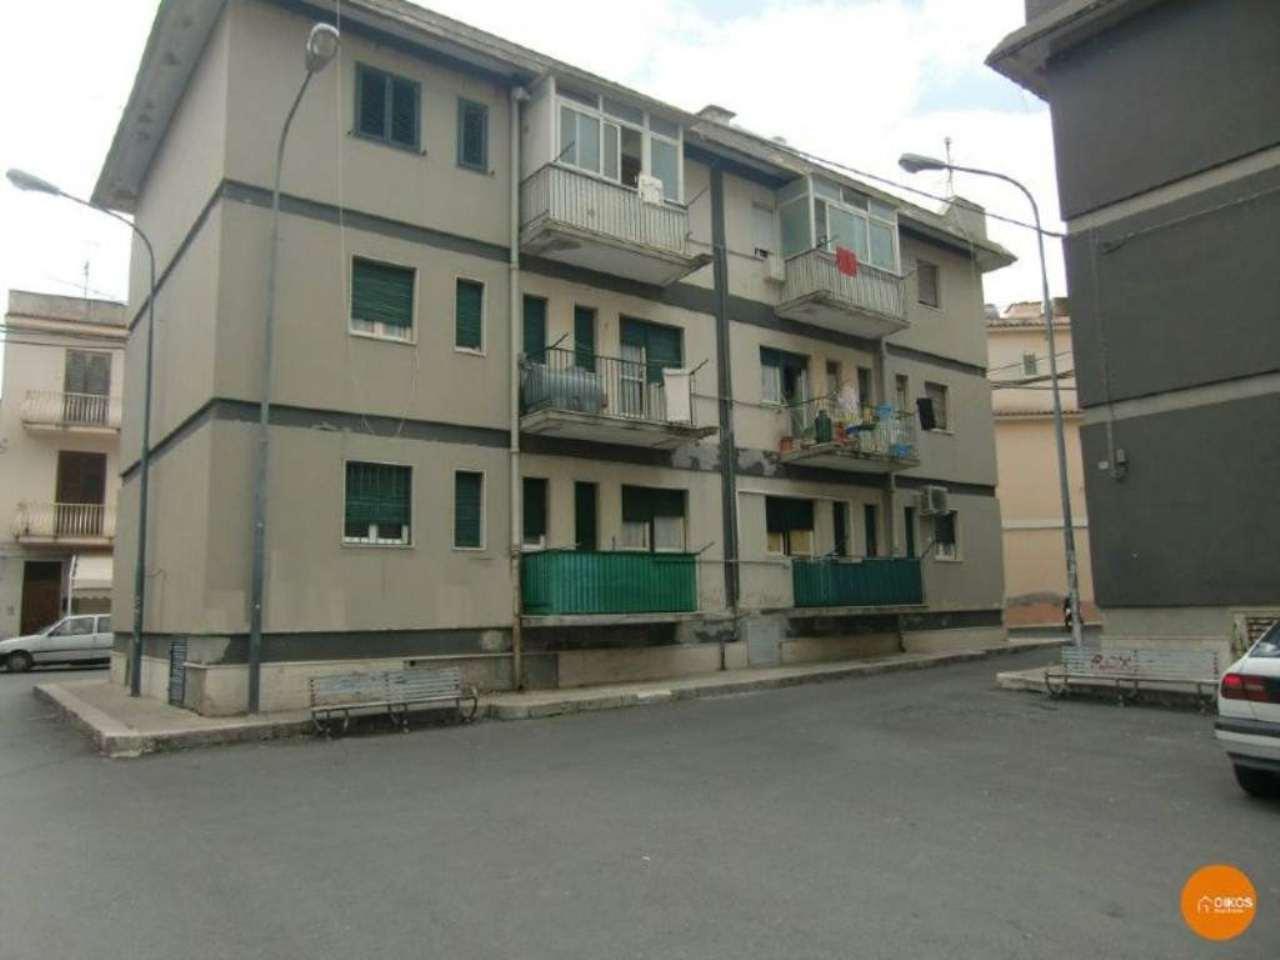 Appartamento in vendita a Noto, 3 locali, prezzo € 60.000 | Cambio Casa.it